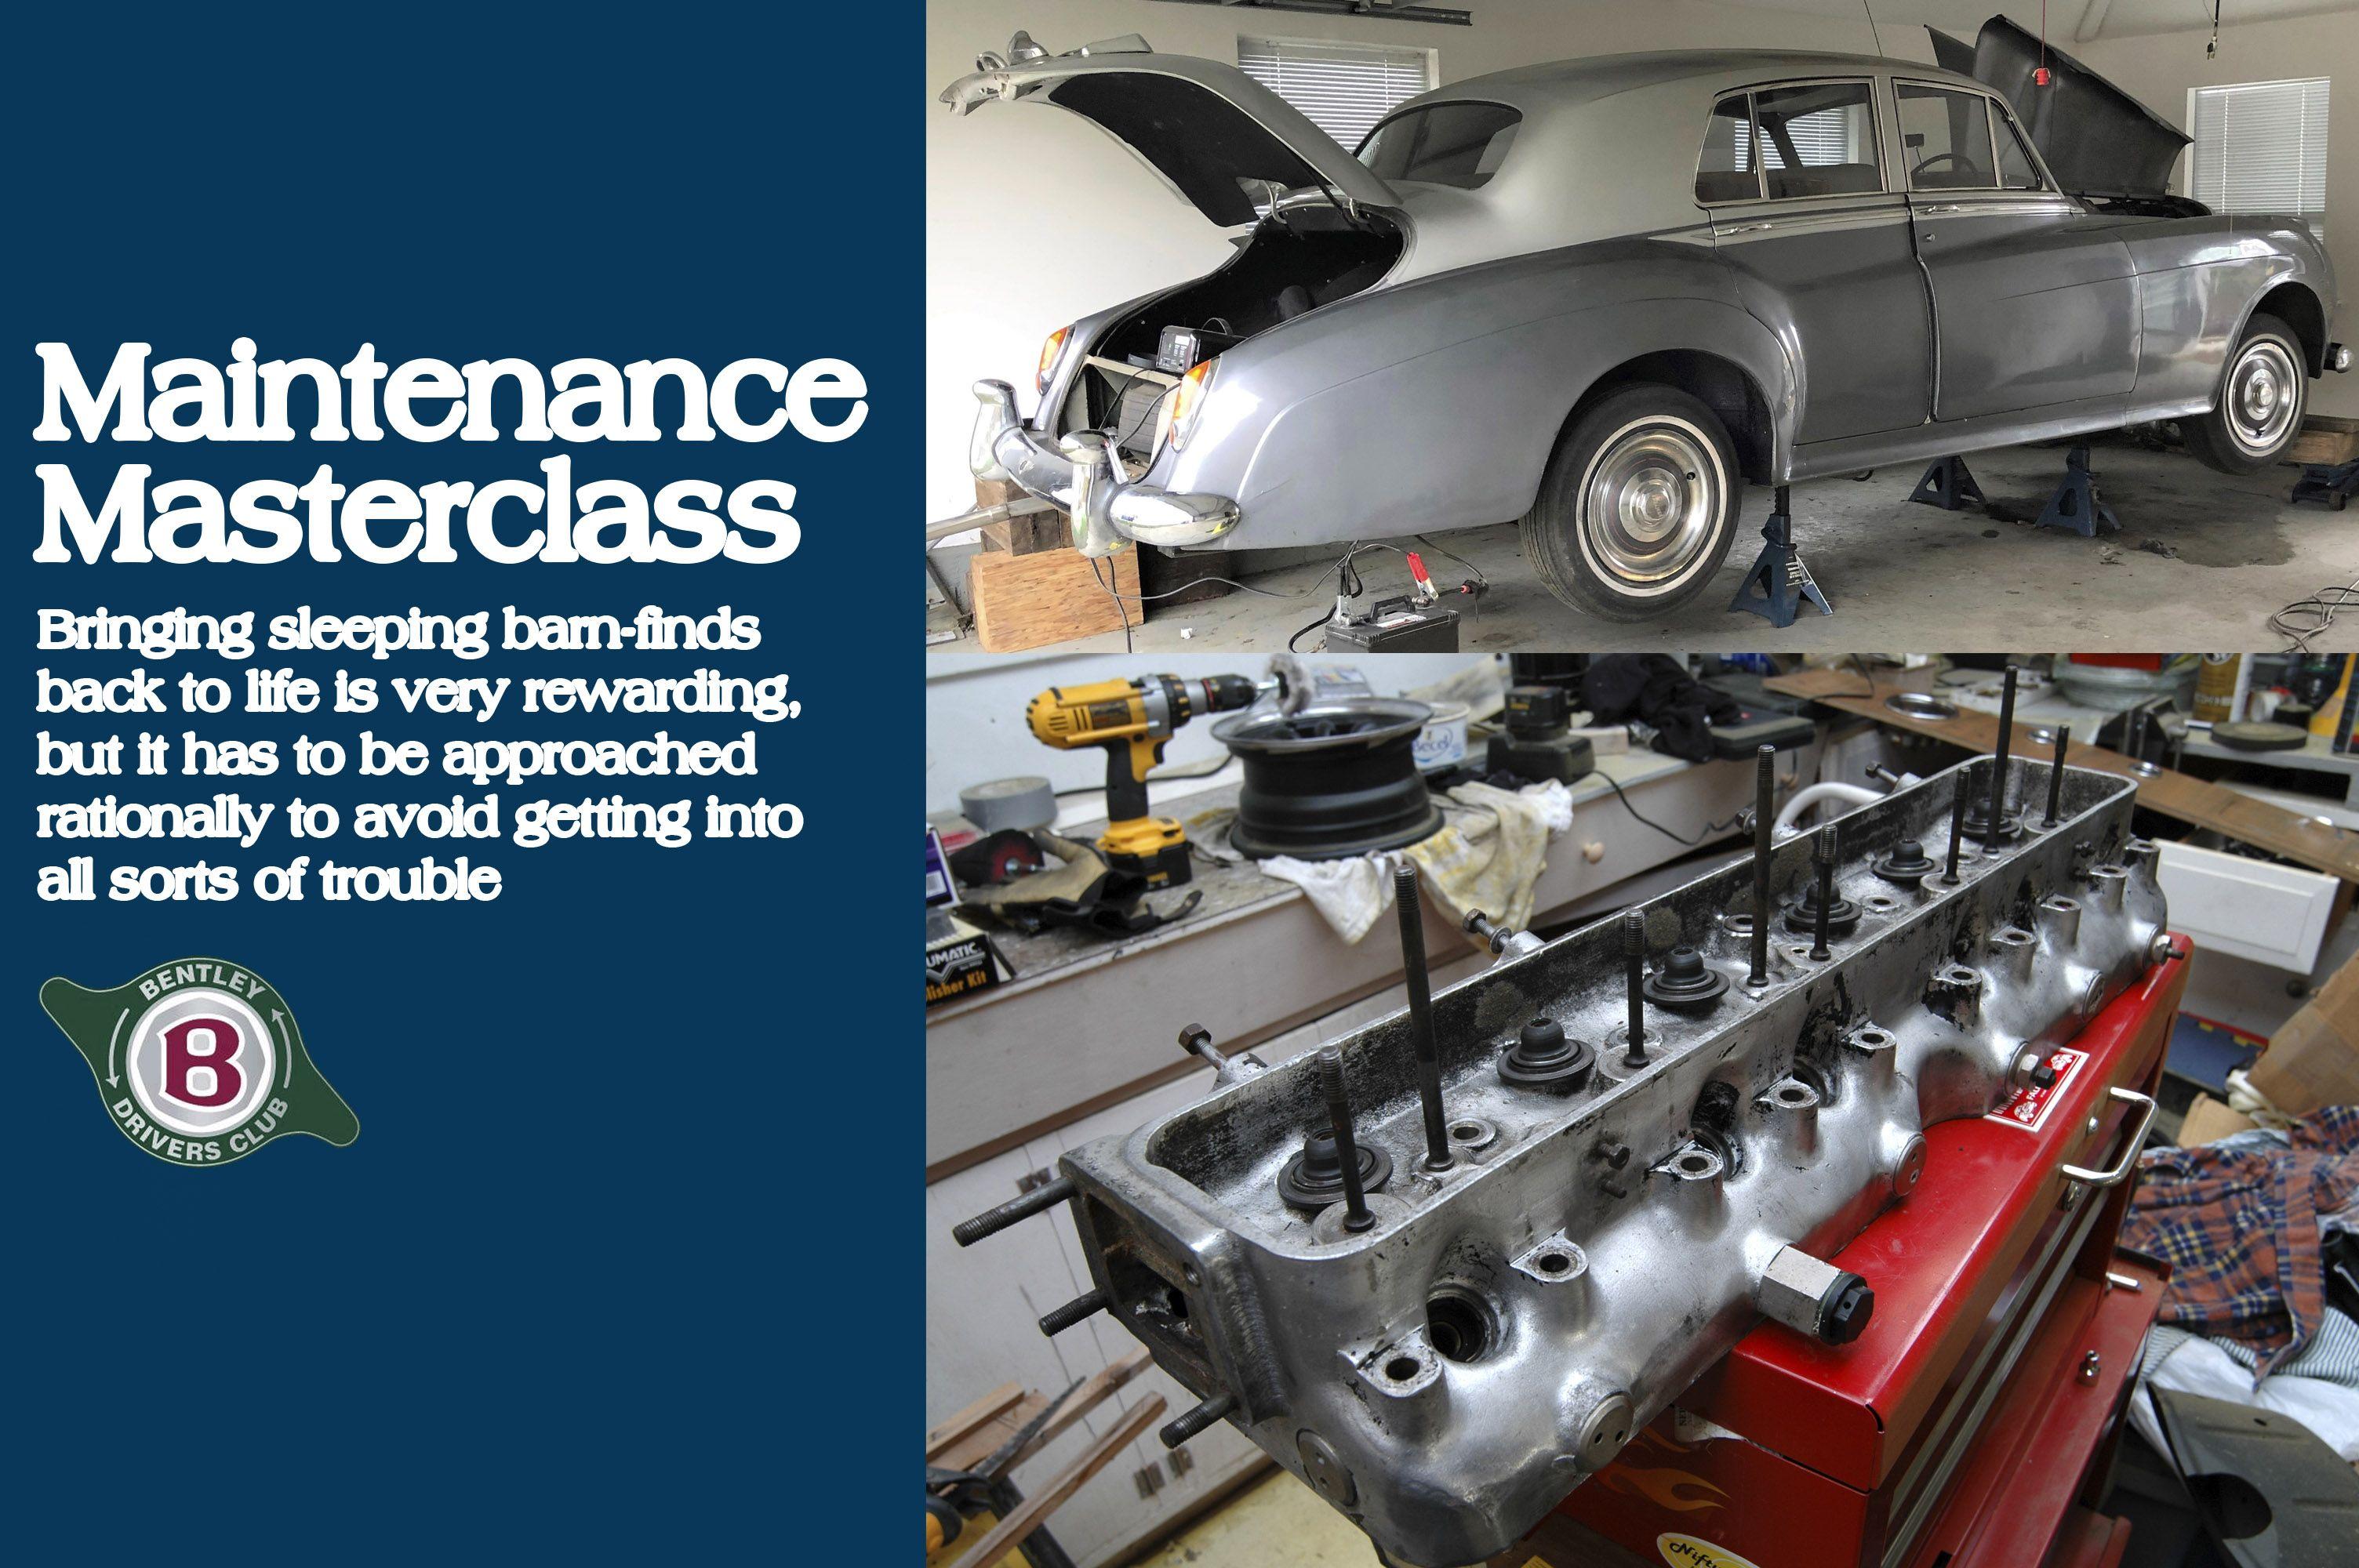 Maintenance masterclass